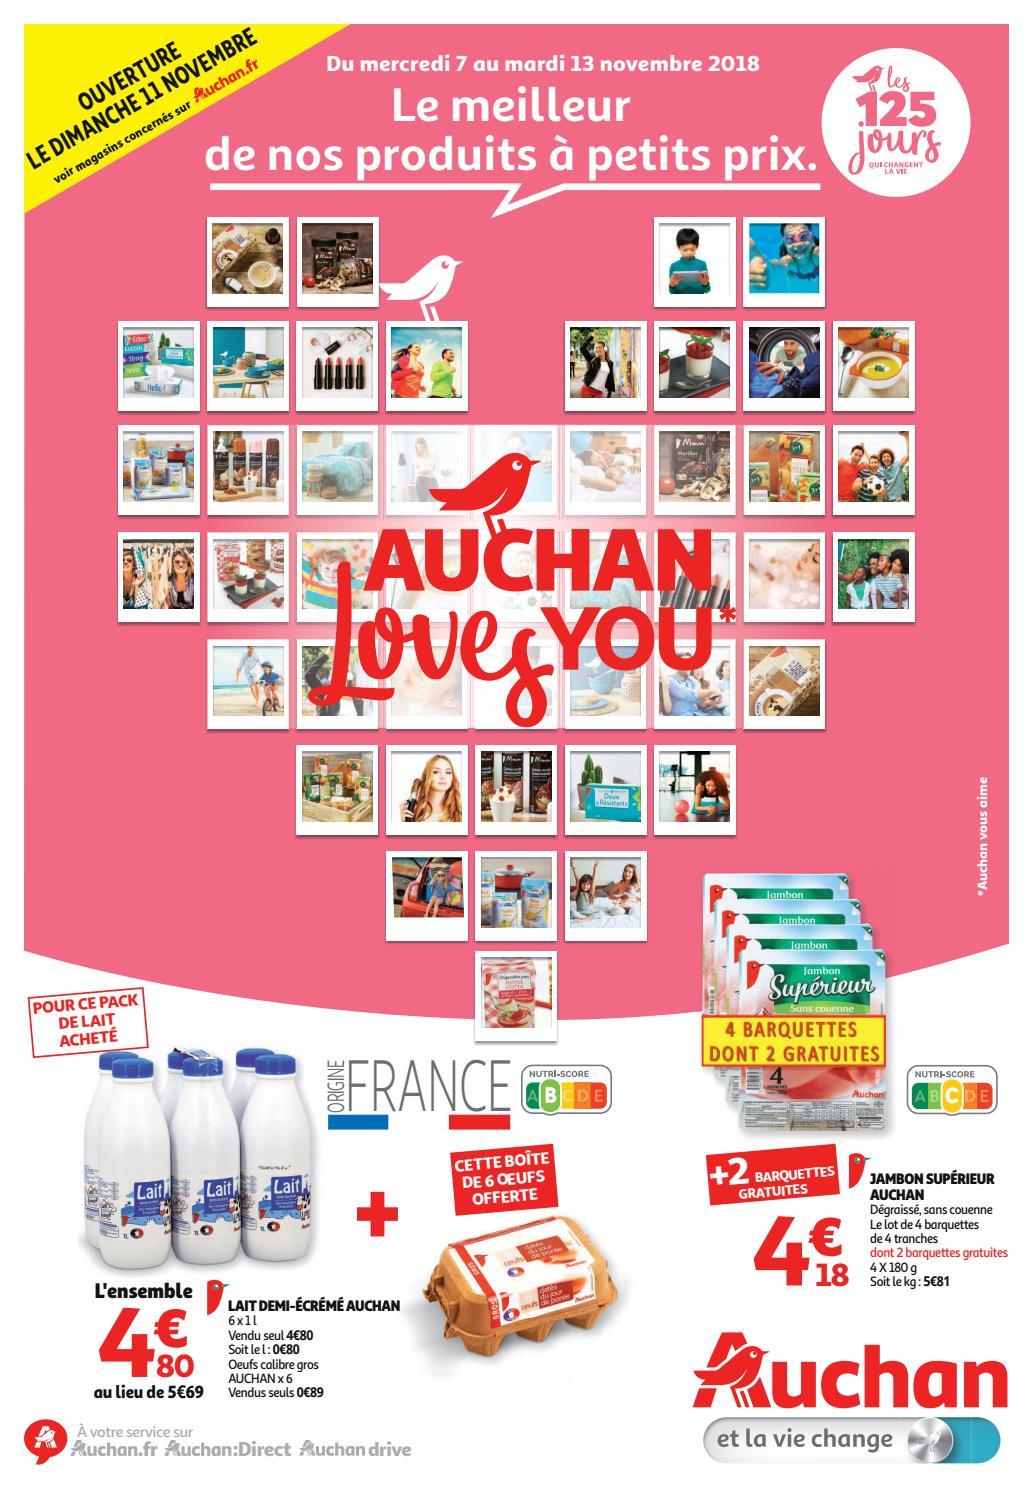 d93f8f2d0a6f6 Catalogue Auchan Hypermarché by Monsieurechantillons.fr - issuu